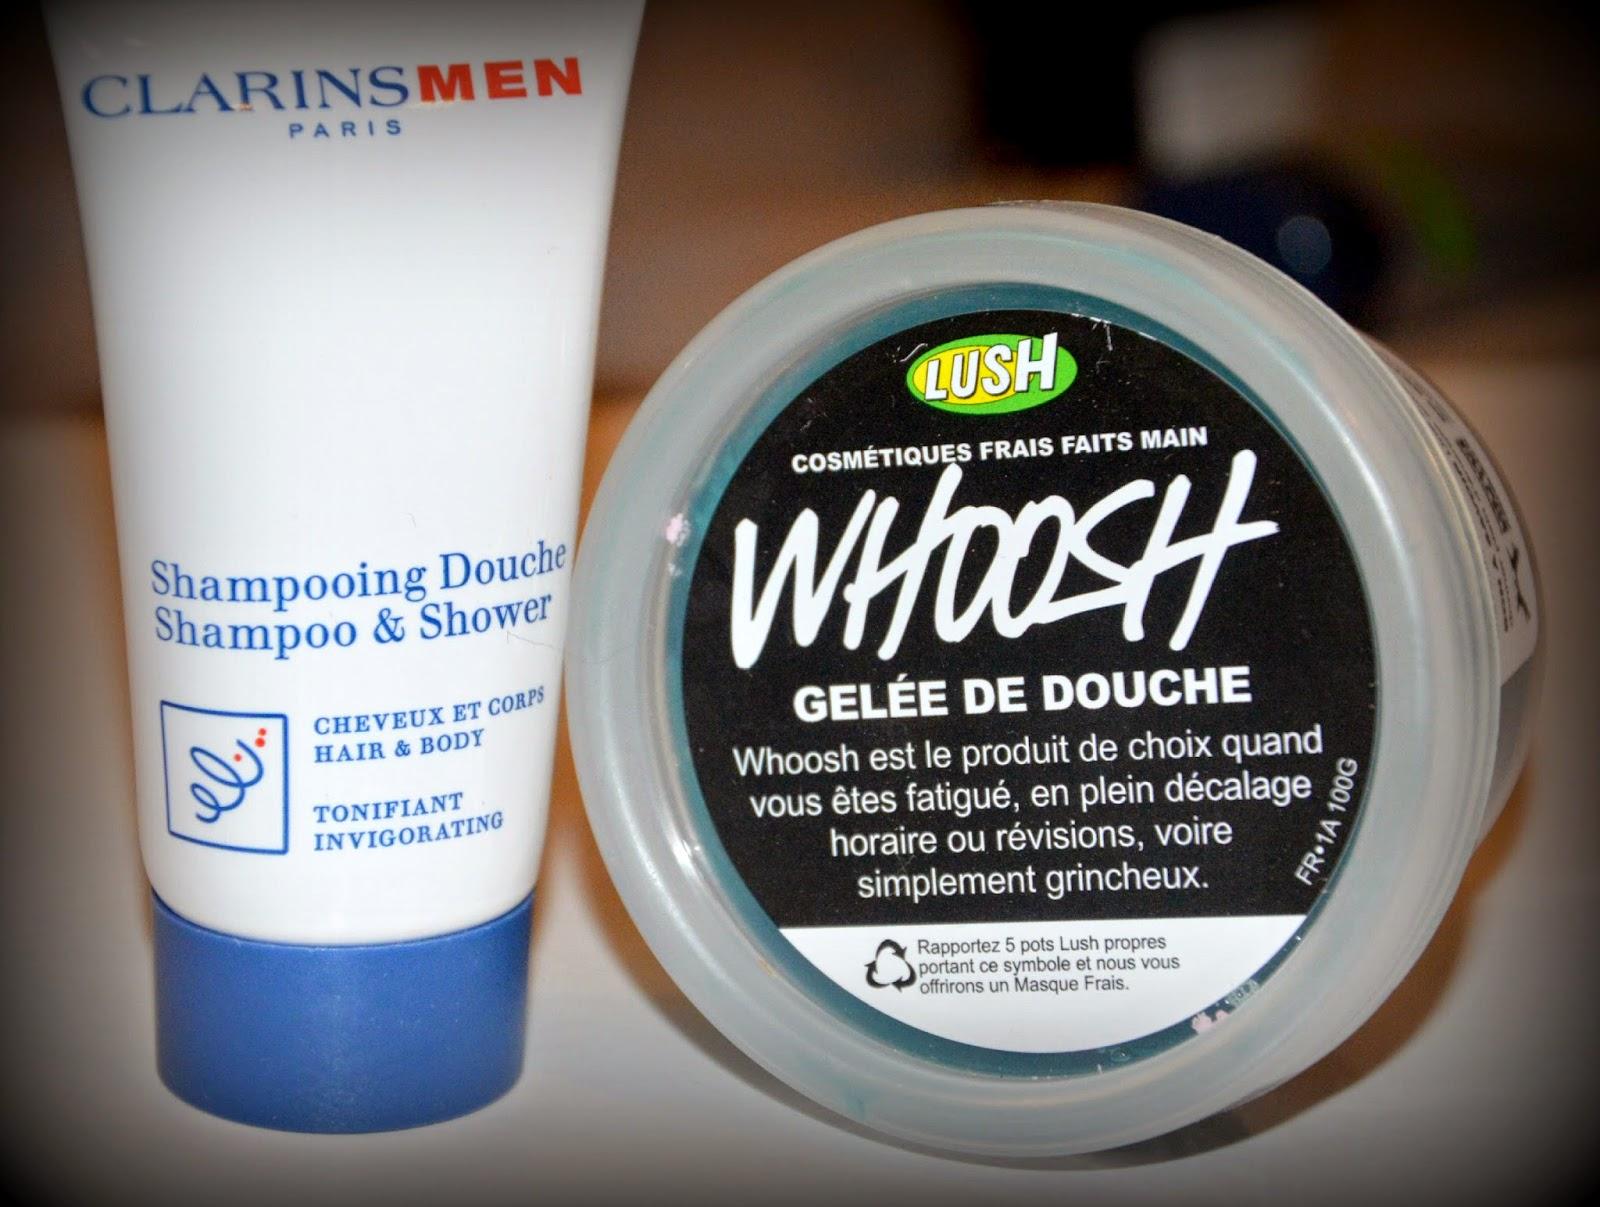 shampoing douche clarins homme, gelée de douche lush